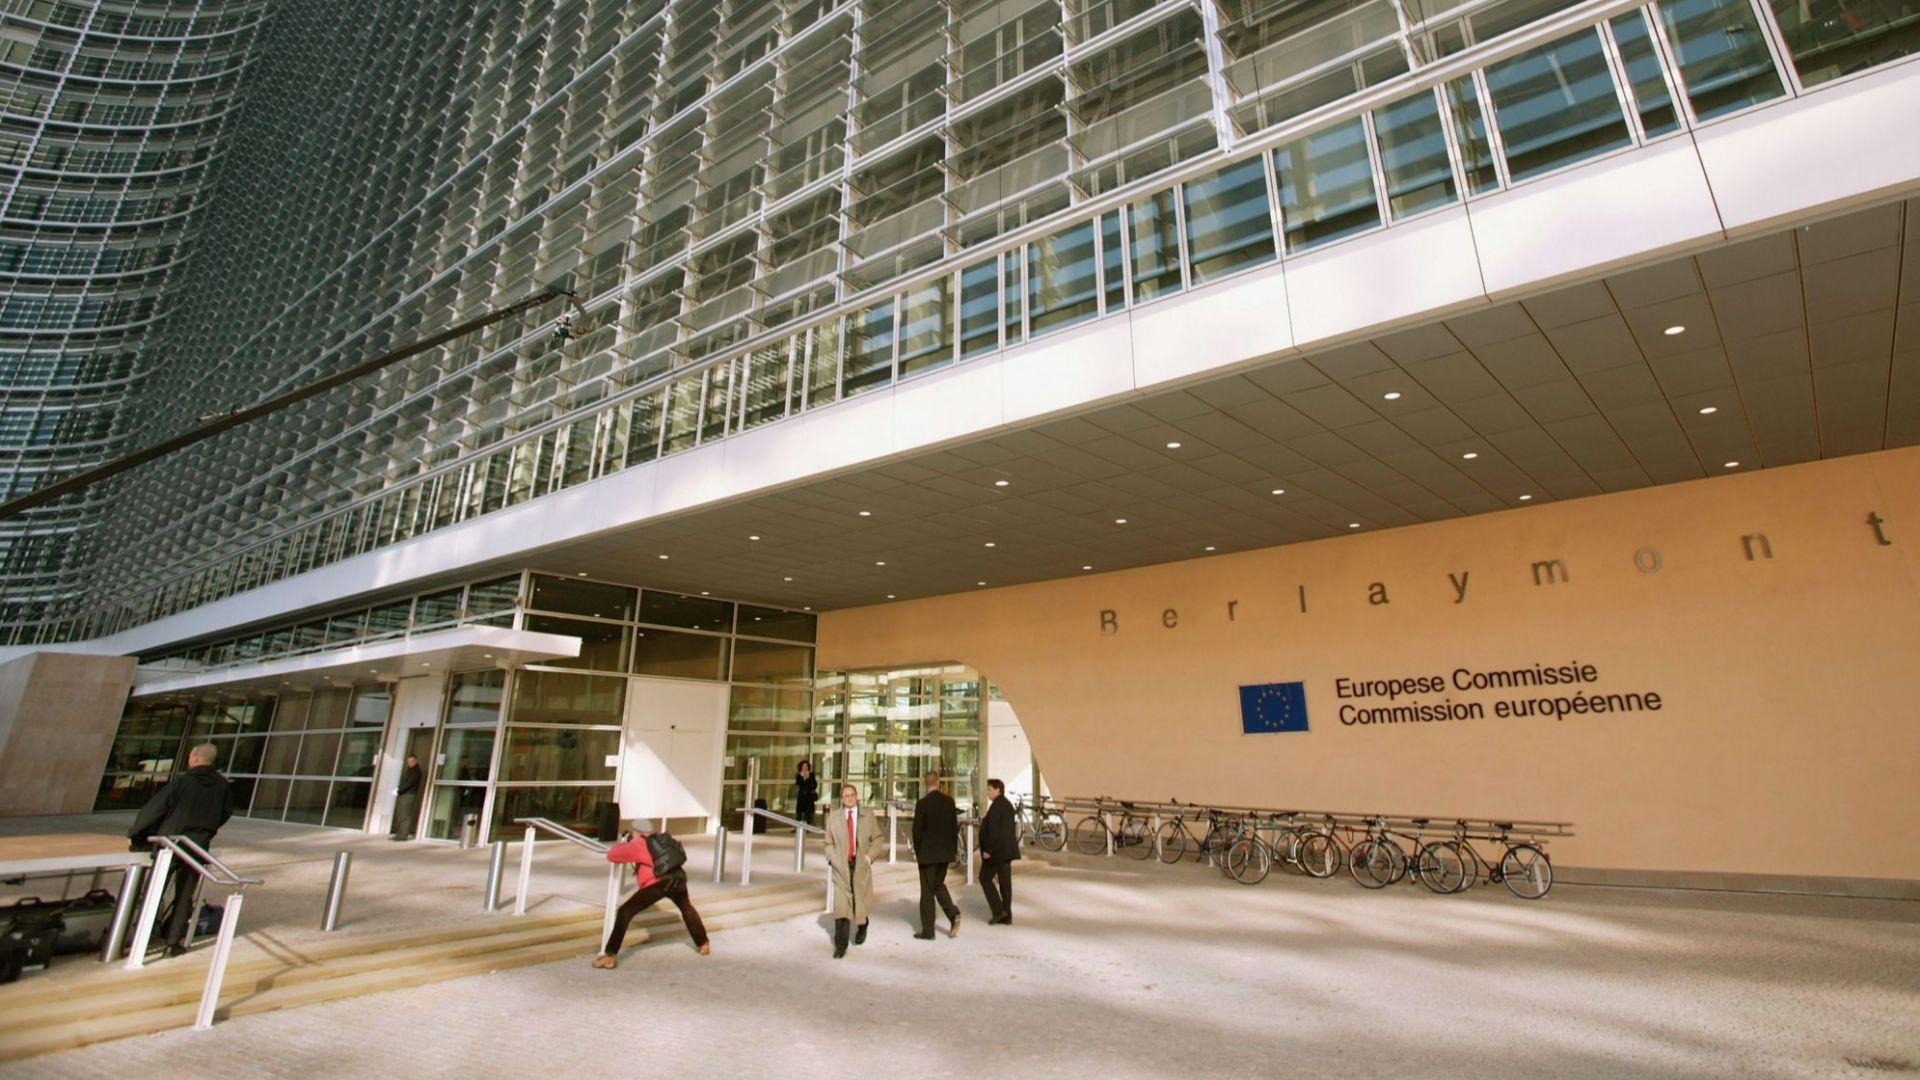 ЕК настоява, че споразумението на ООН за миграцията ще реши проблемите